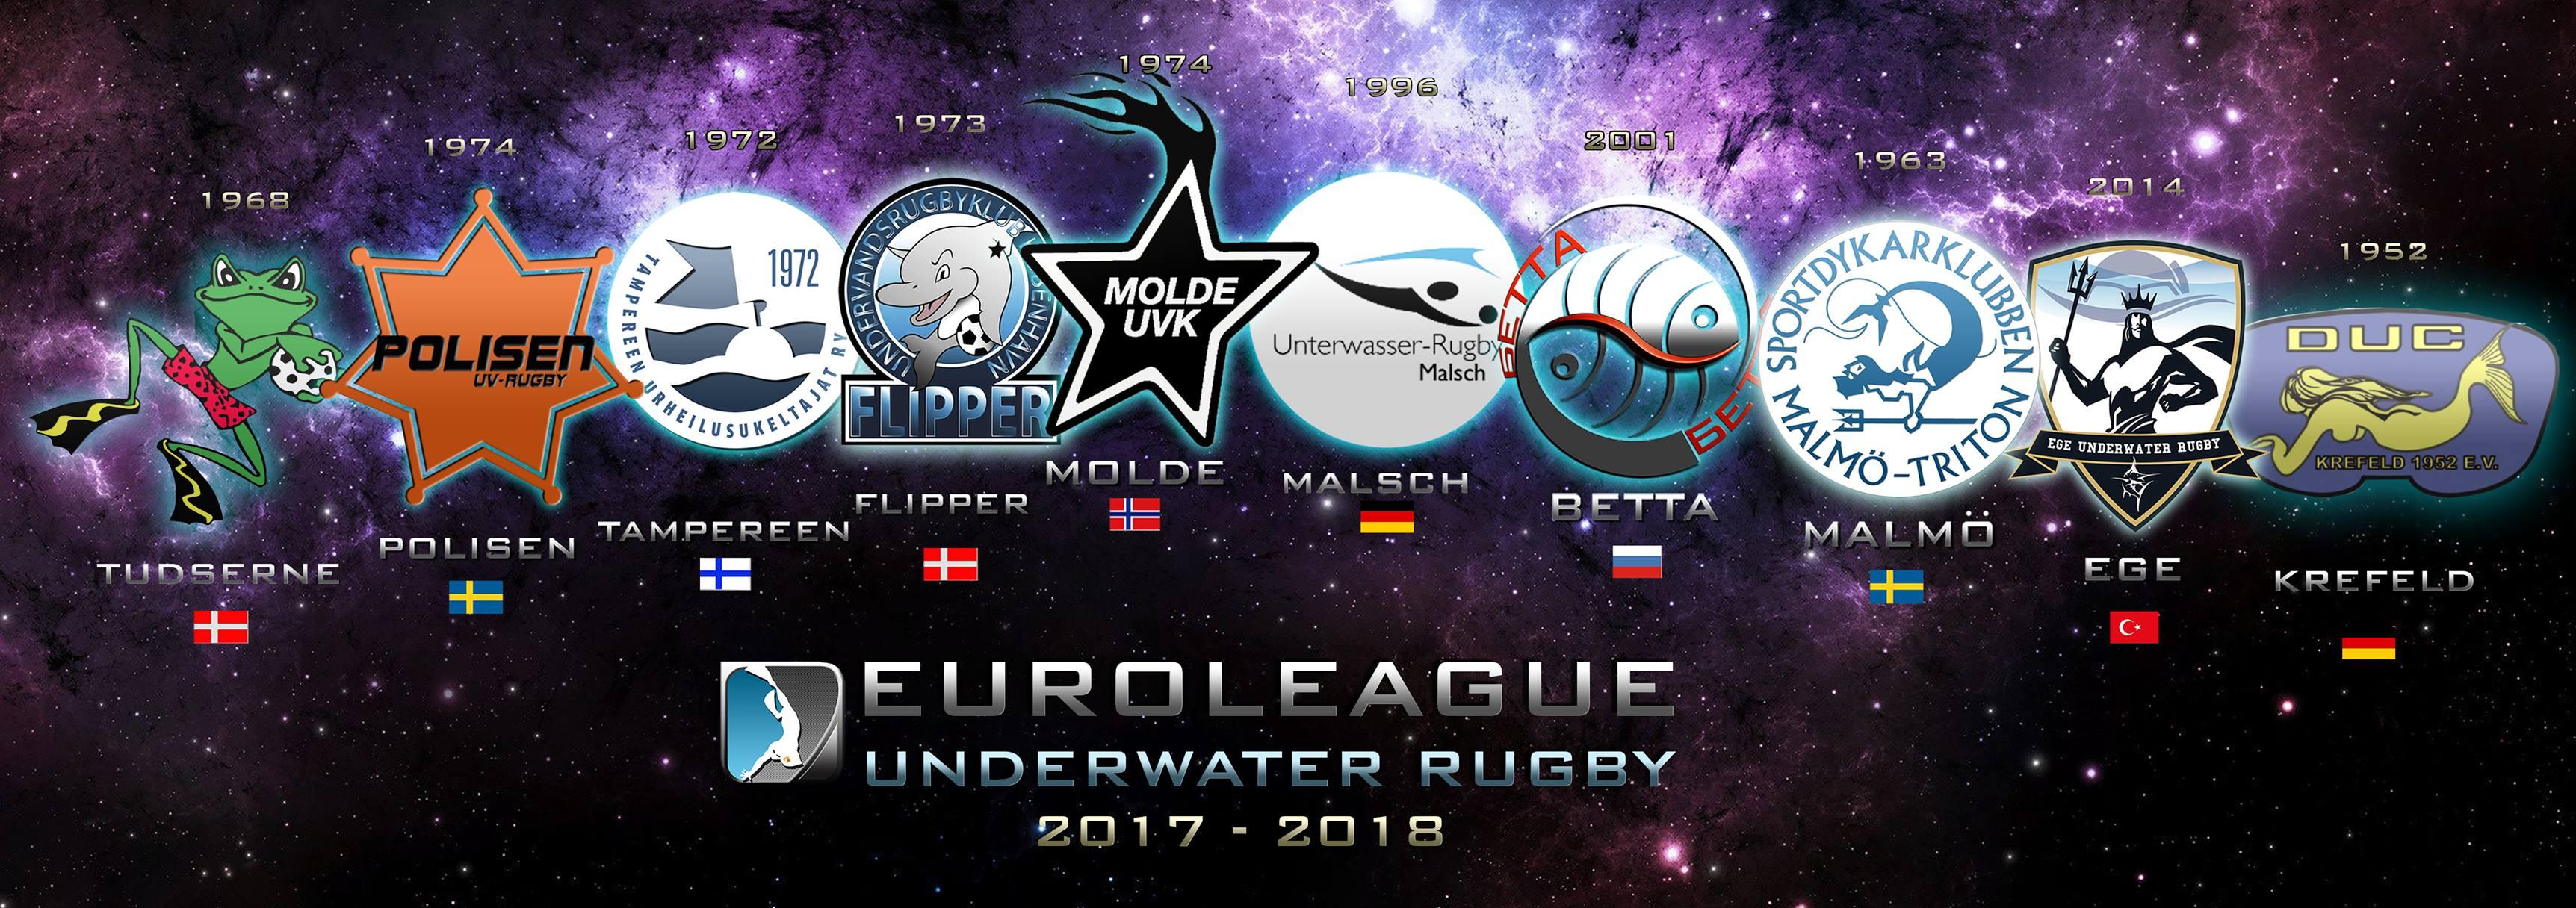 European Underwaterrugby League Season 6 – Livestream